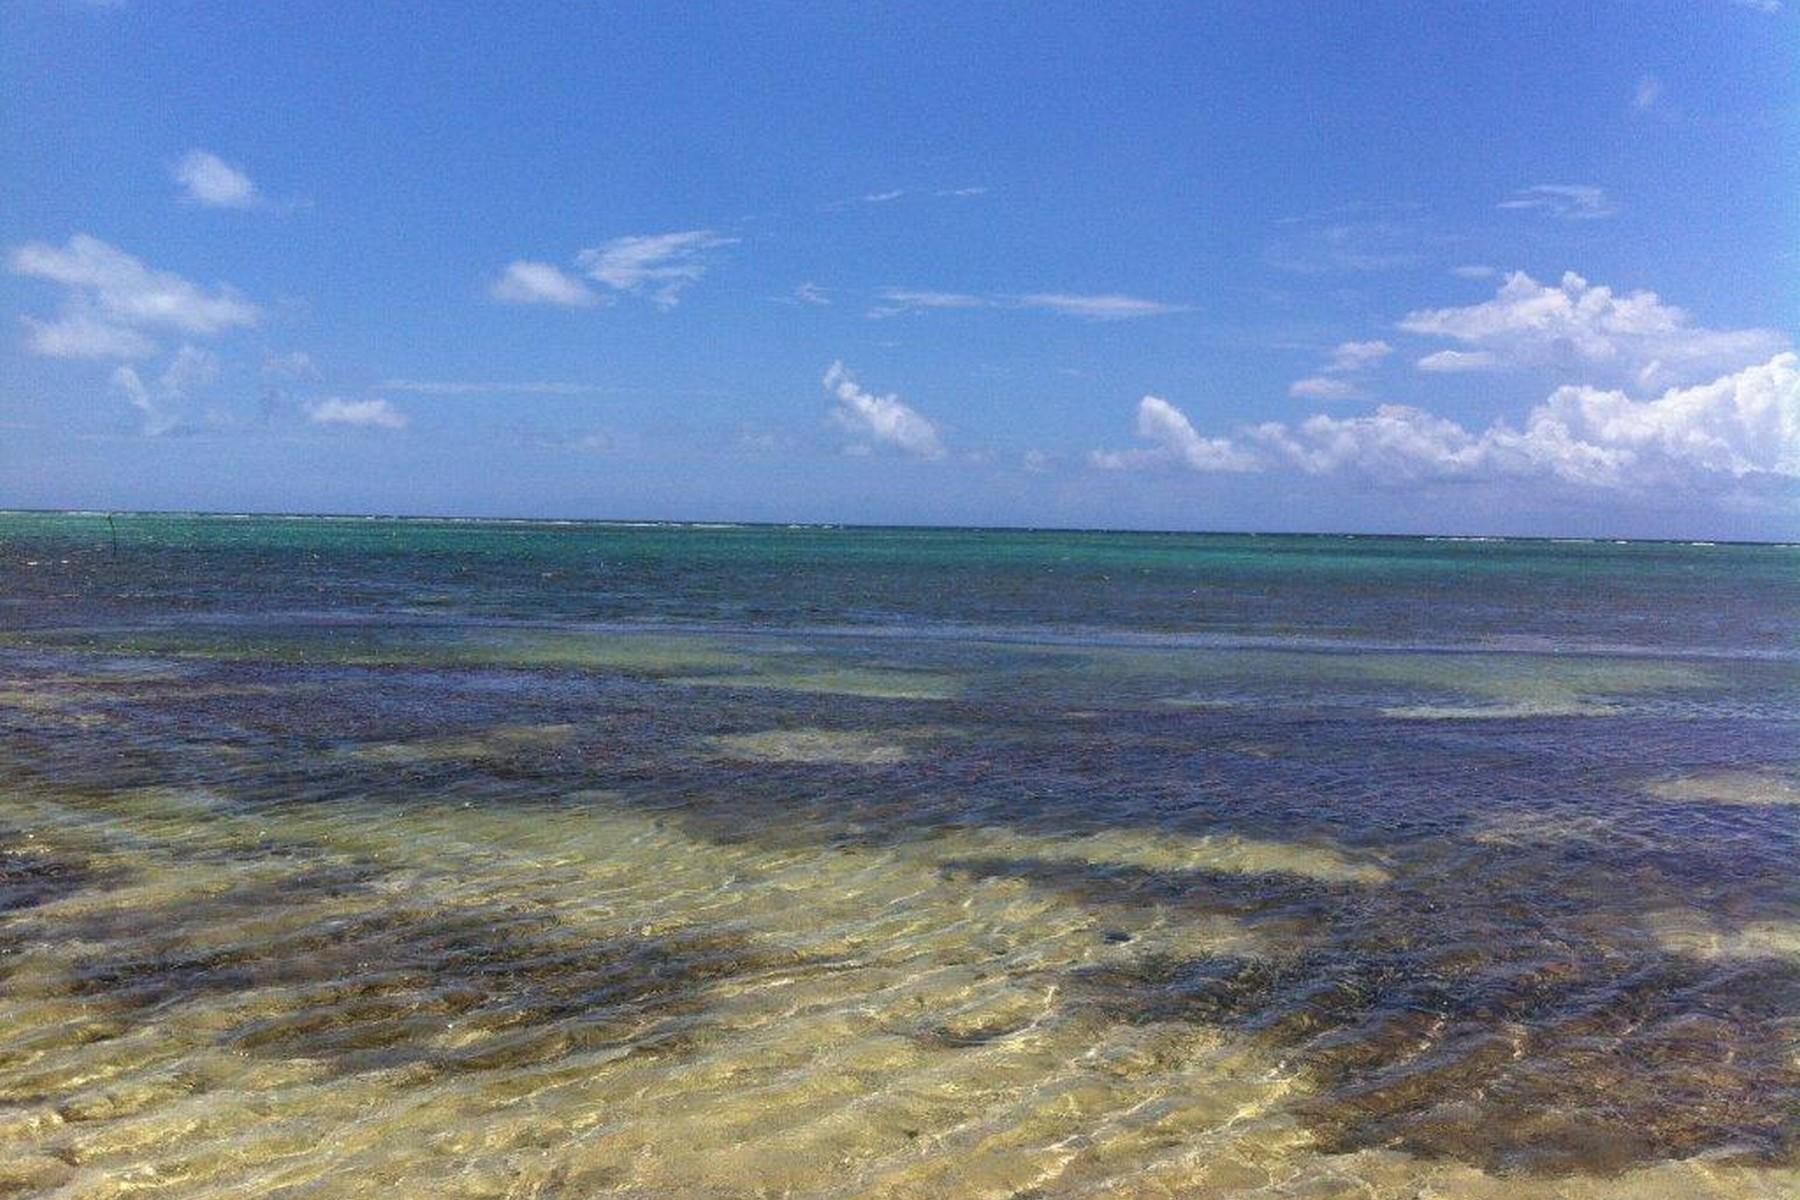 Terreno por un Venta en LOTES CON FRENTE DE PLAYA EN XCALAK Beachfront Lots in Xcalak Lote número OCHO y NUEVE Xcalak, Quintana Roo 77940 México